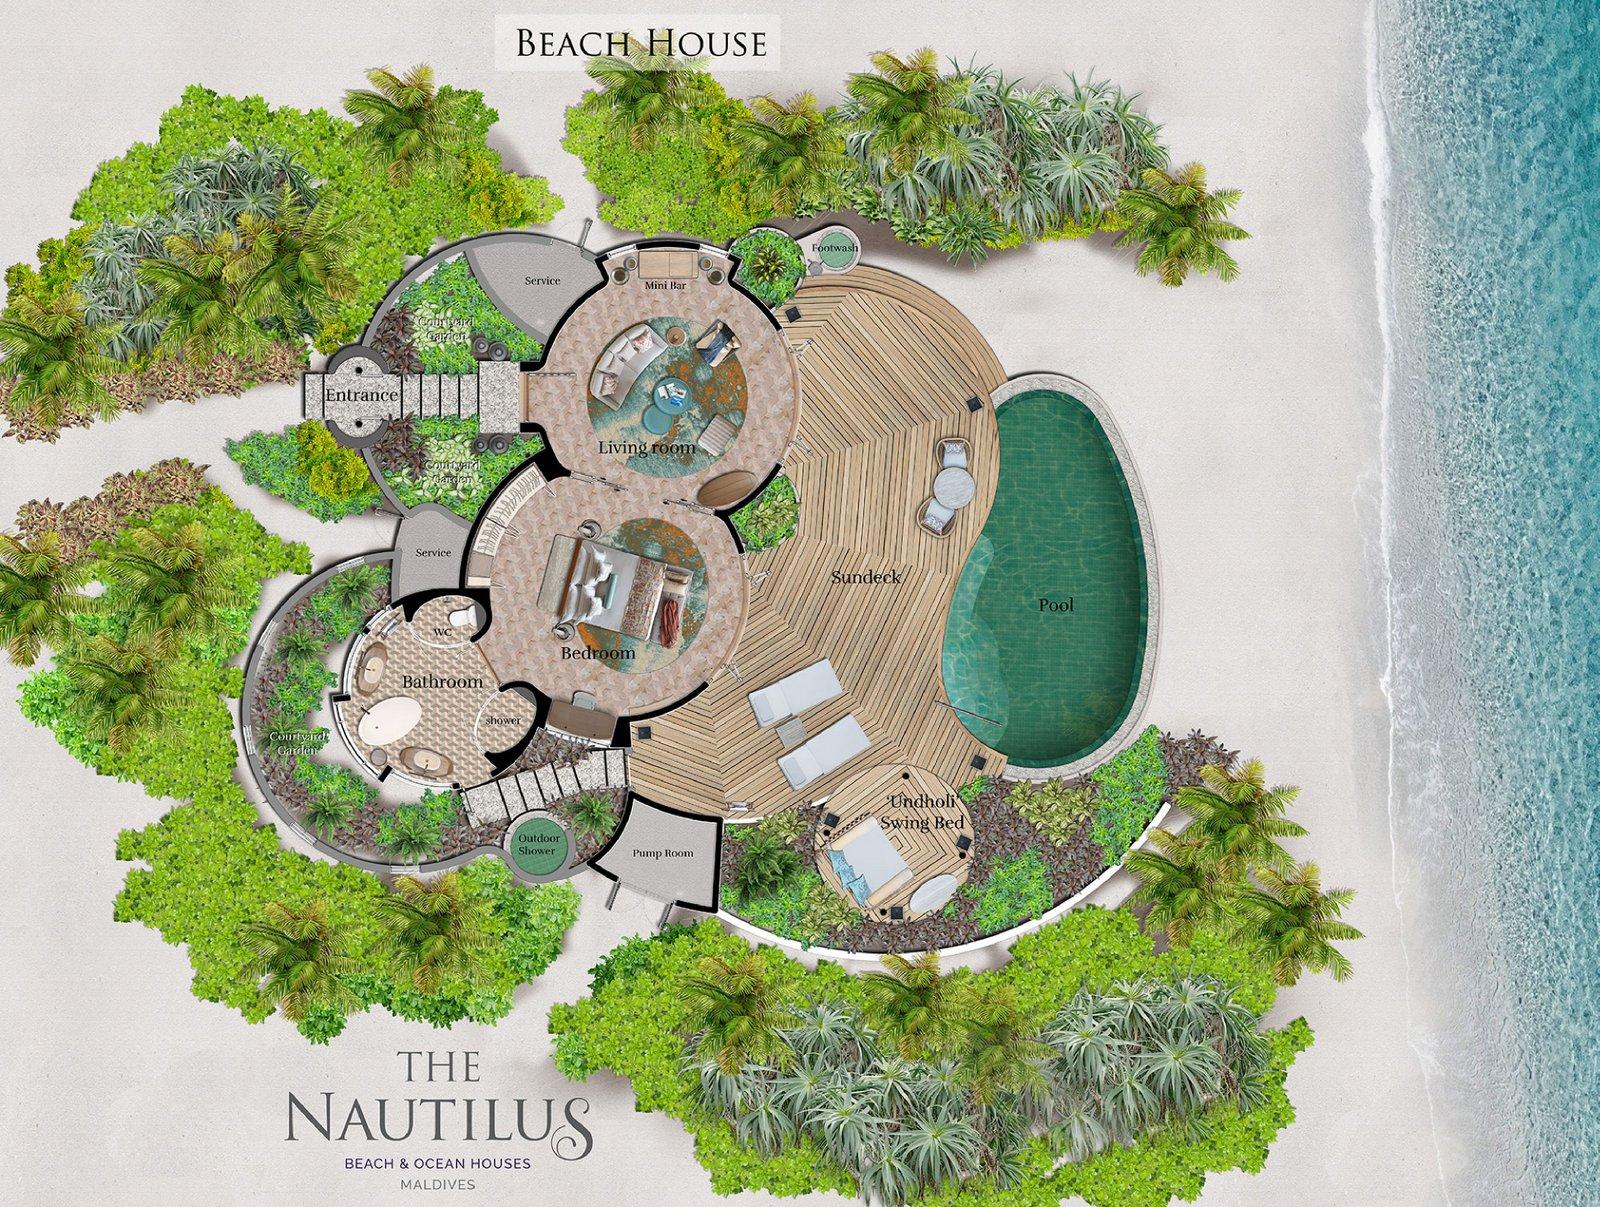 Мальдивы, отель The Nautilus Maldives, план-схема номера Beach House